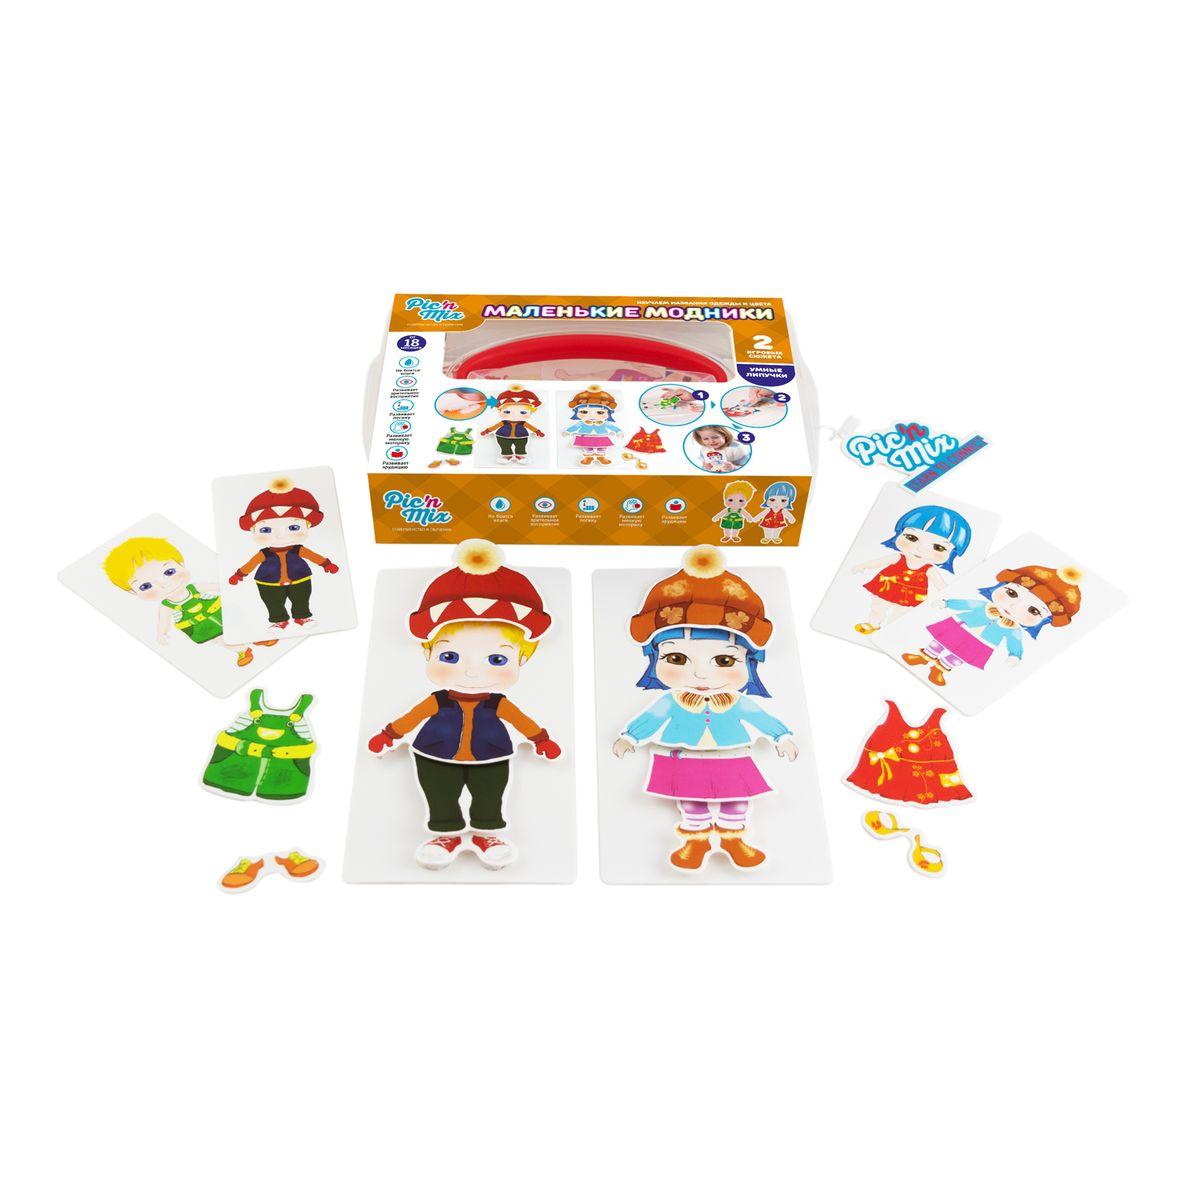 Pic&Mix Игра настольная развивающая Маленькие модники112027Обучающая игра пазл-липучка состоит из 2 игровых полей, заполняя которые, ребенок изучает названия и виды предметов одежды, а также для какой погоды она предназначена. Развивает следующие навыки: логическое мышление; восприятие формы и цвета; зрительную память; речевое общение; мелкую моторику рук.